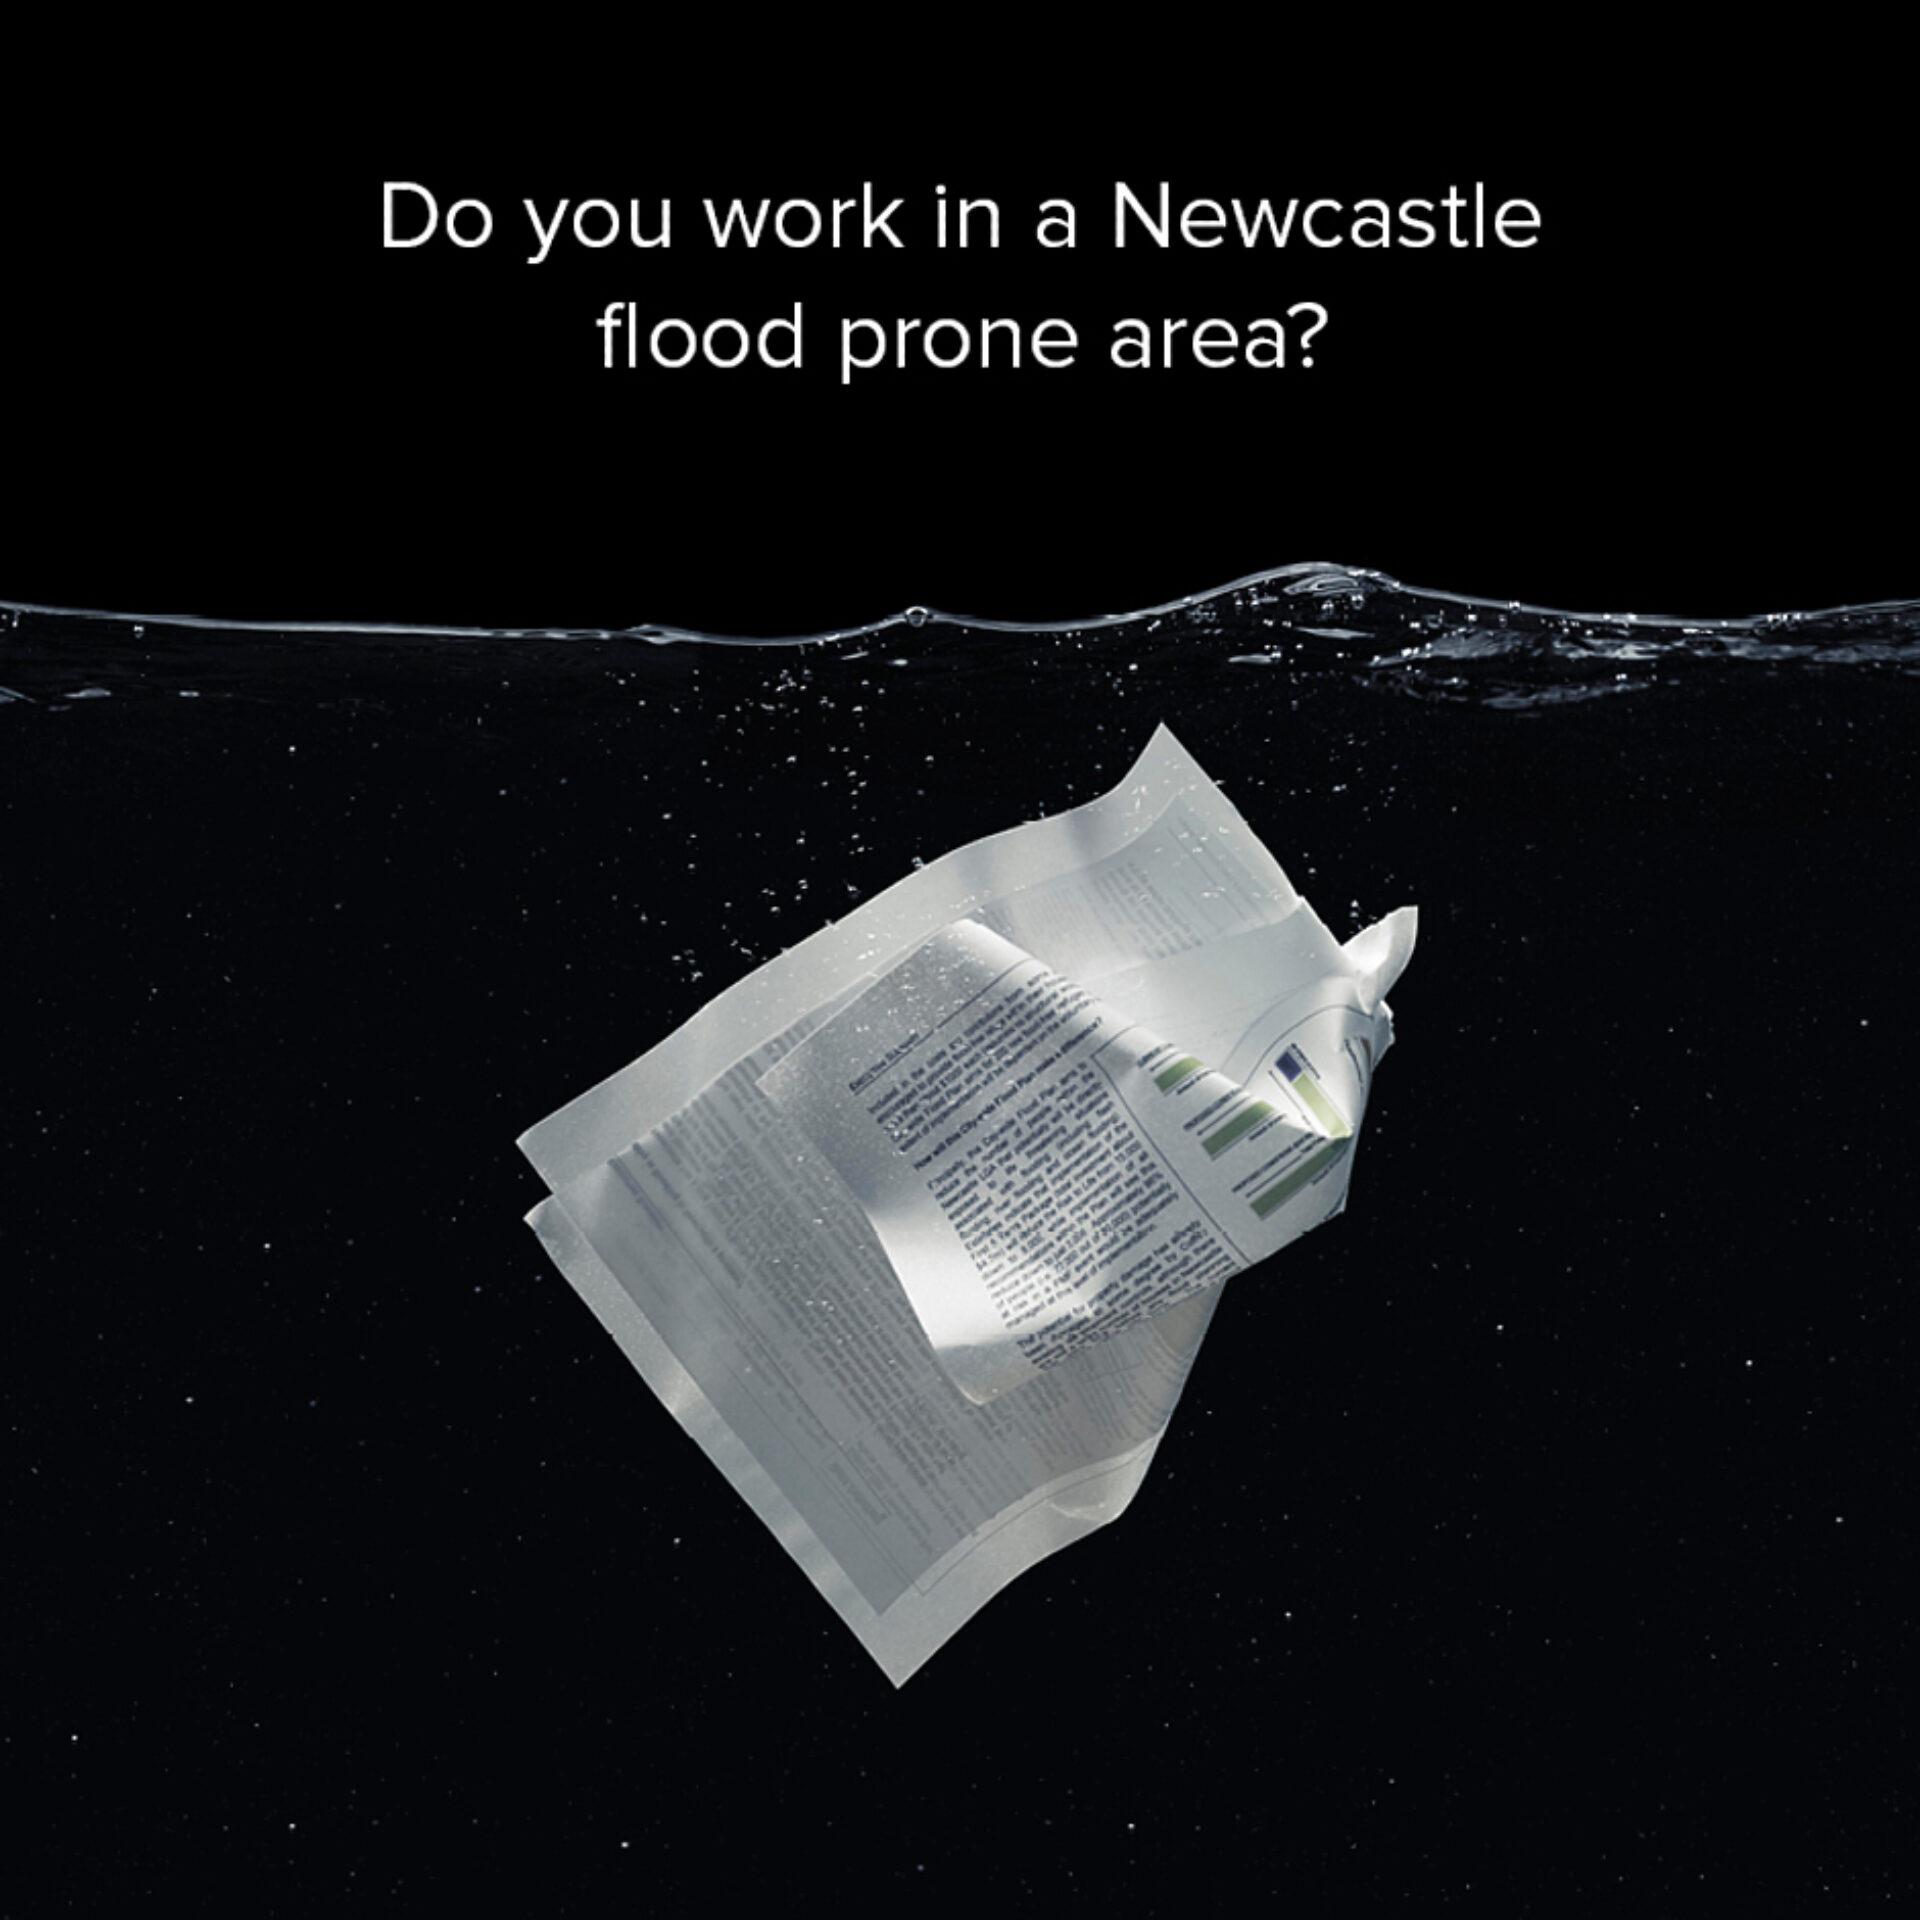 Newcastle flood image 03